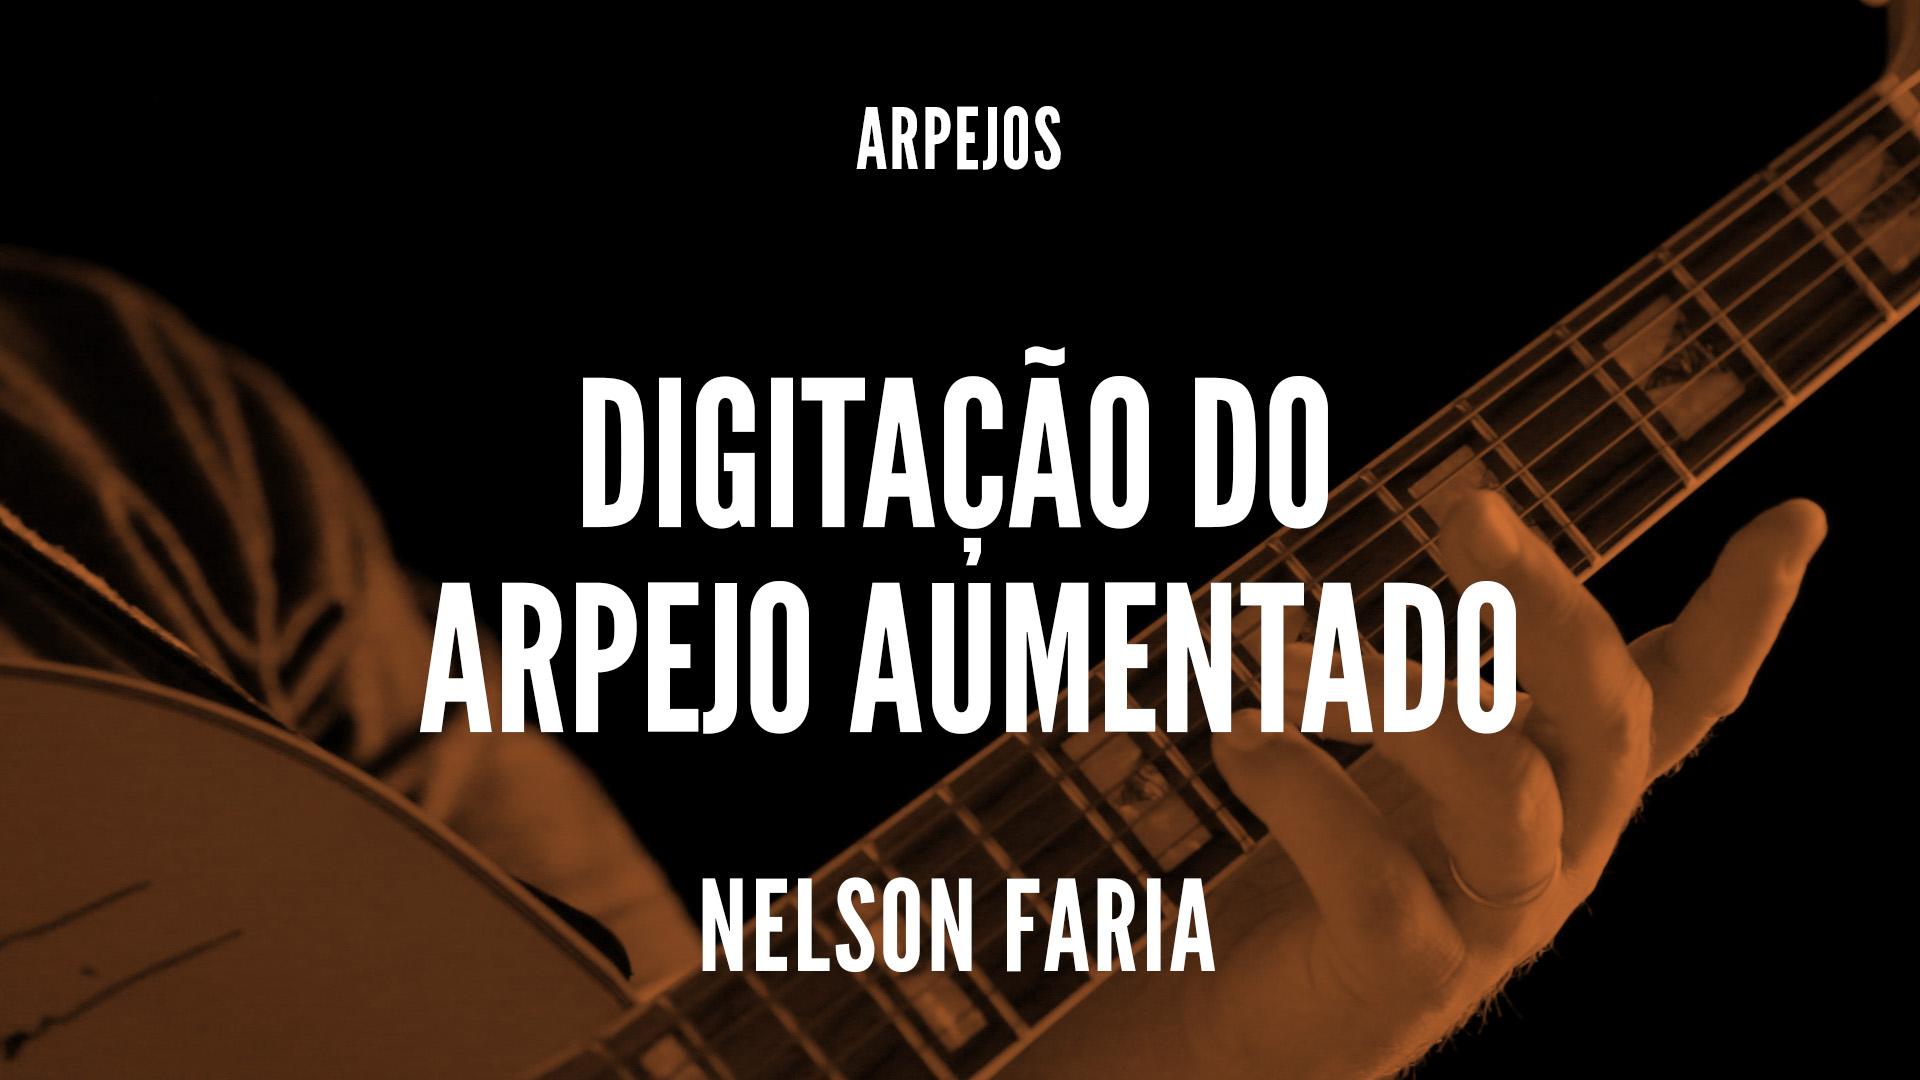 """Nelson Faria segura sua guitarra condor com o título """"digitação do arpejo aumentado"""""""